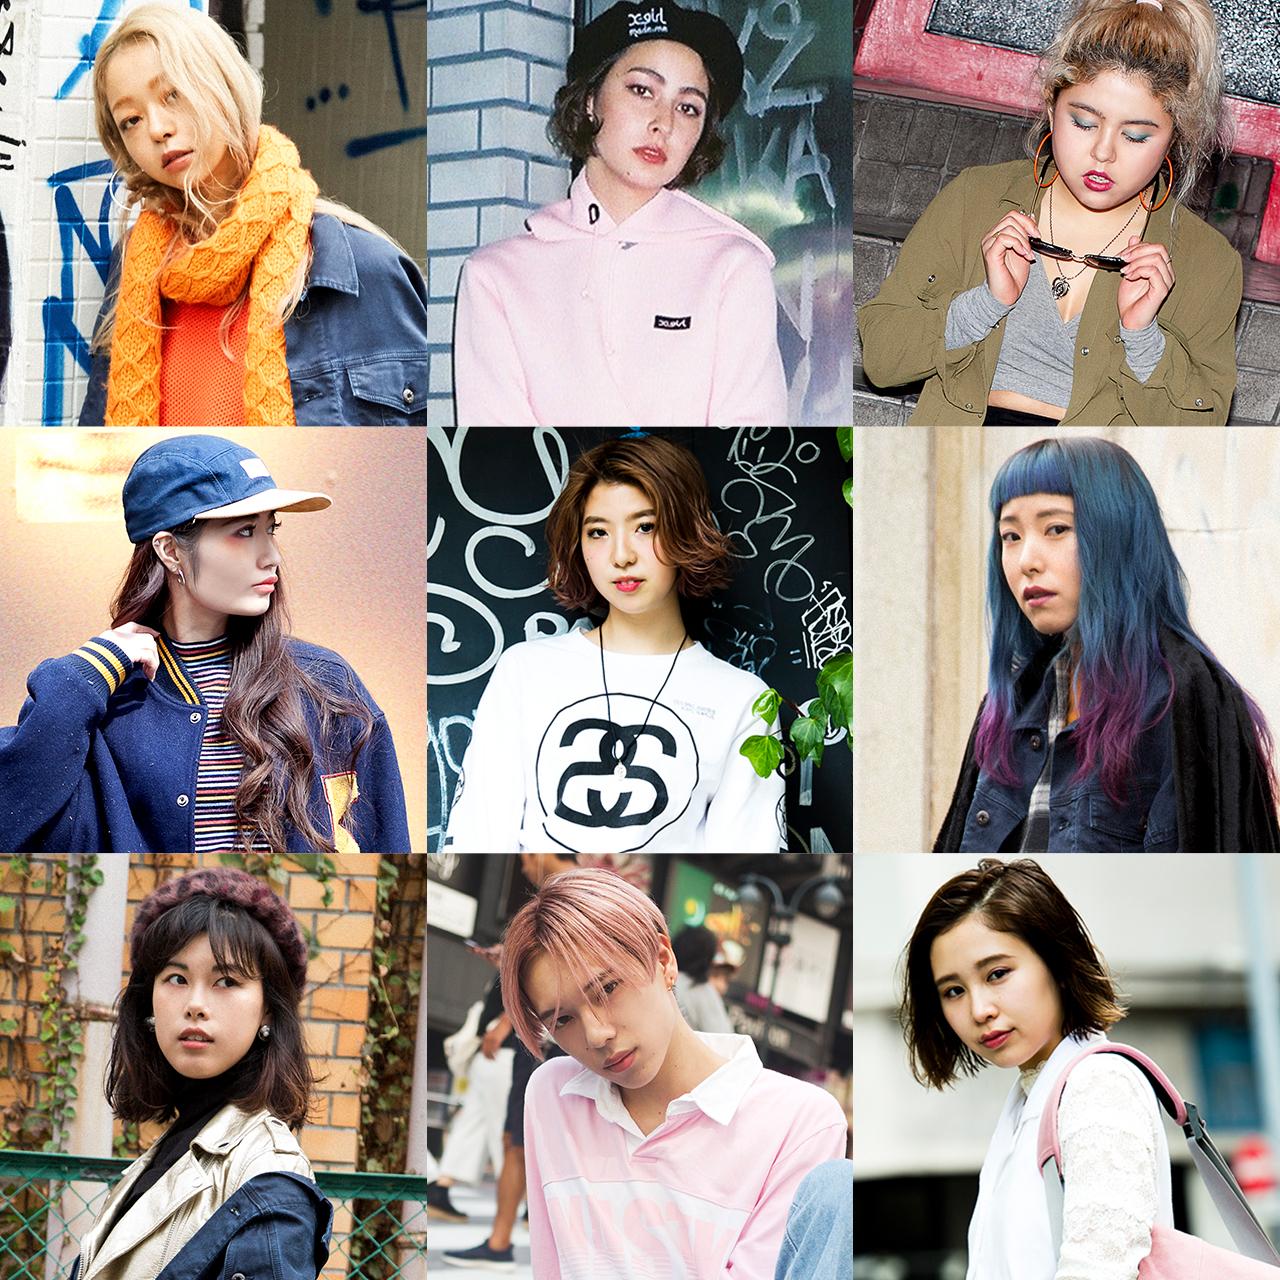 サマーファッションに彩りを! NYLONチームの愛用アクセサリー10